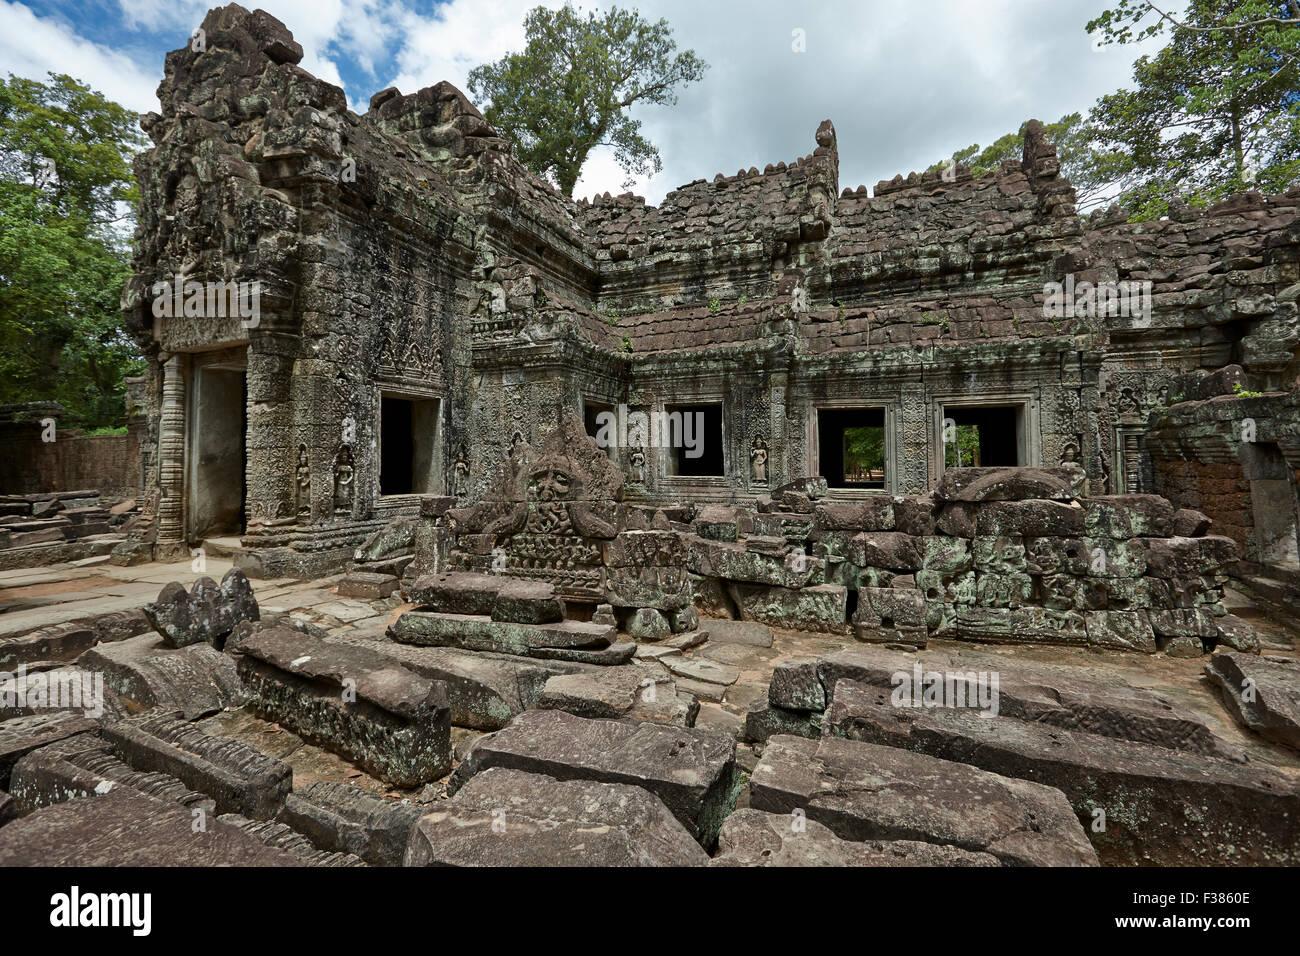 Templo de Preah Khan. Parque arqueológico de Angkor, de la provincia de Siem Reap, Camboya. Imagen De Stock